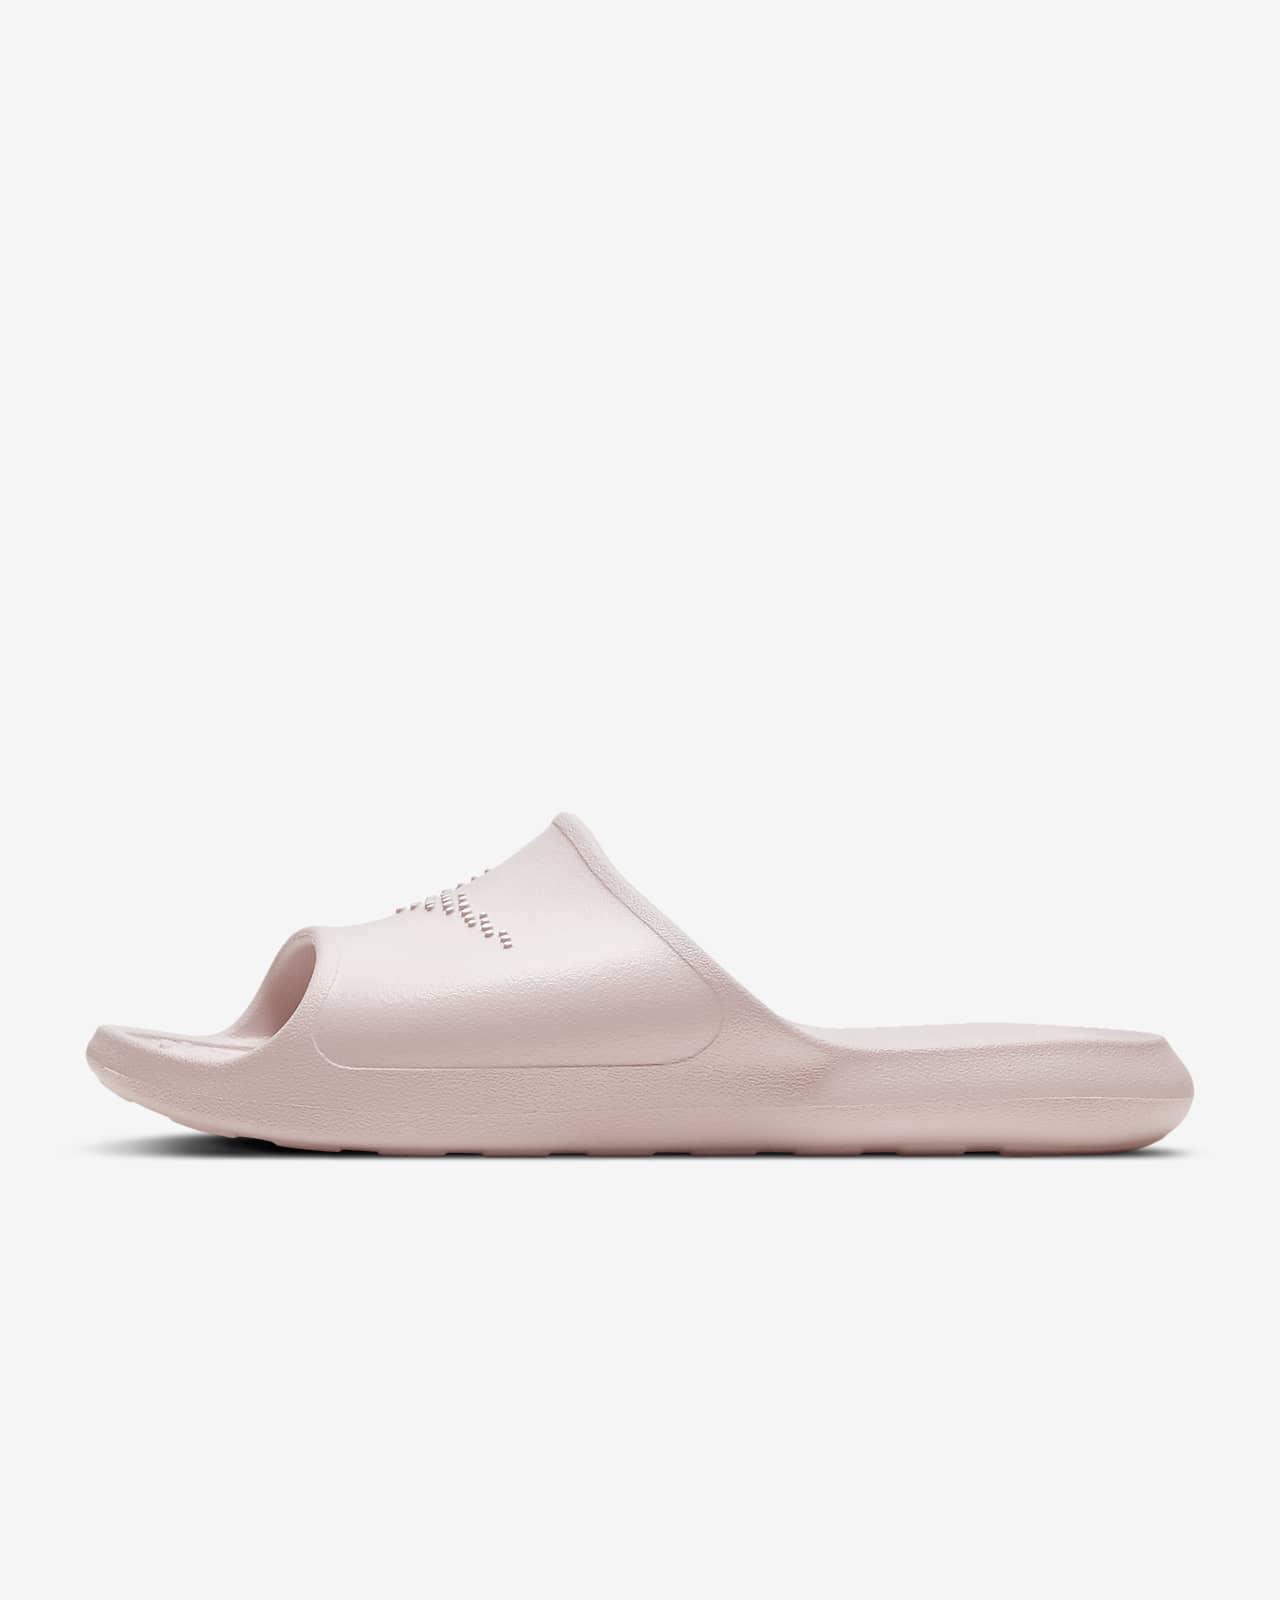 Chancla de ducha para mujer Nike Victori One